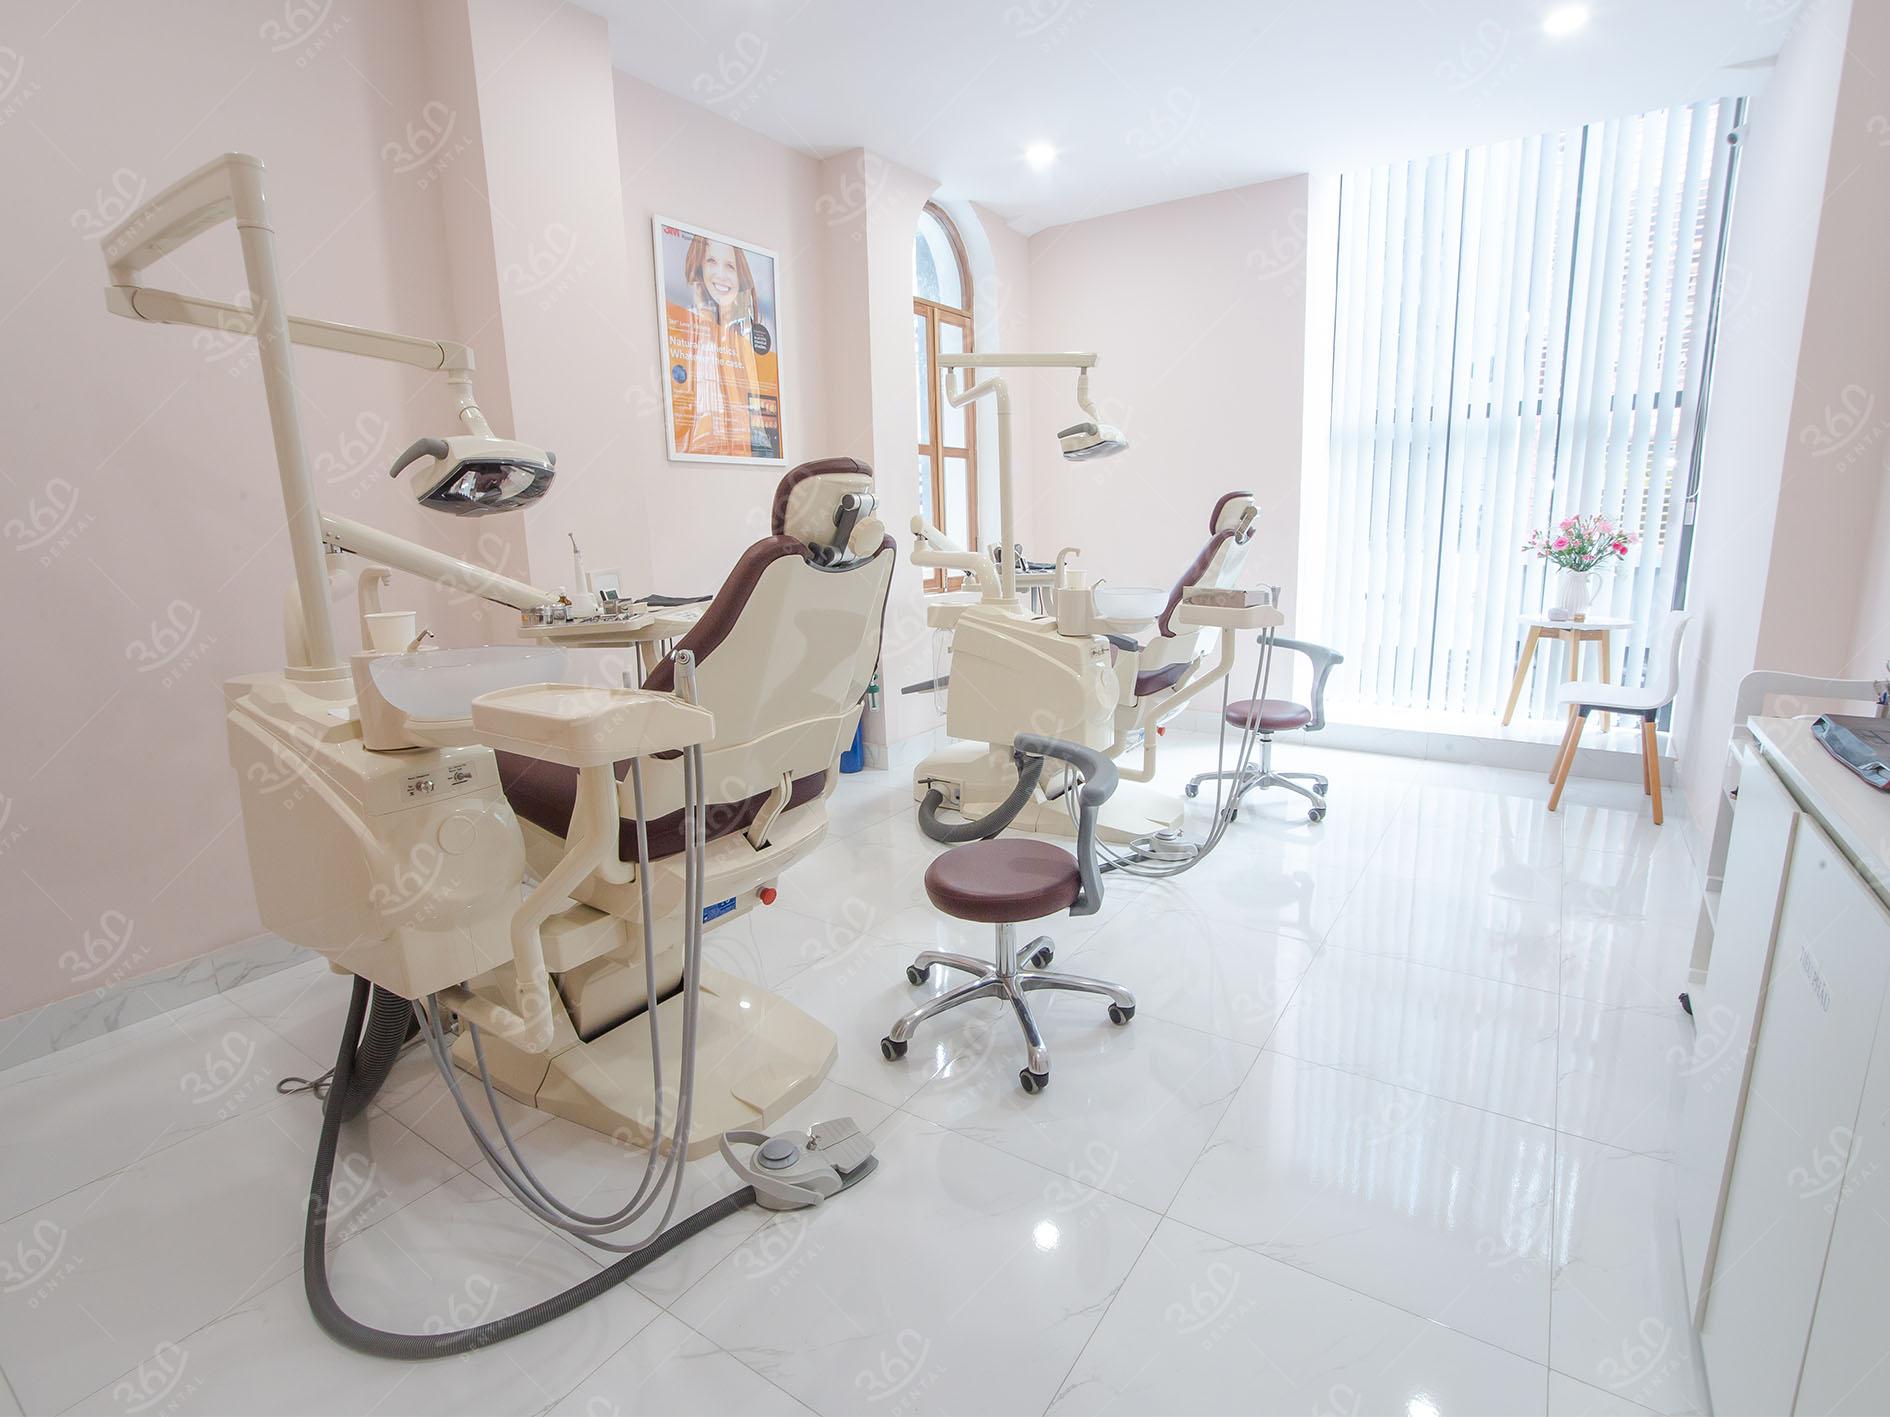 Cơ sở vật chất Nha khoa 360 Dental